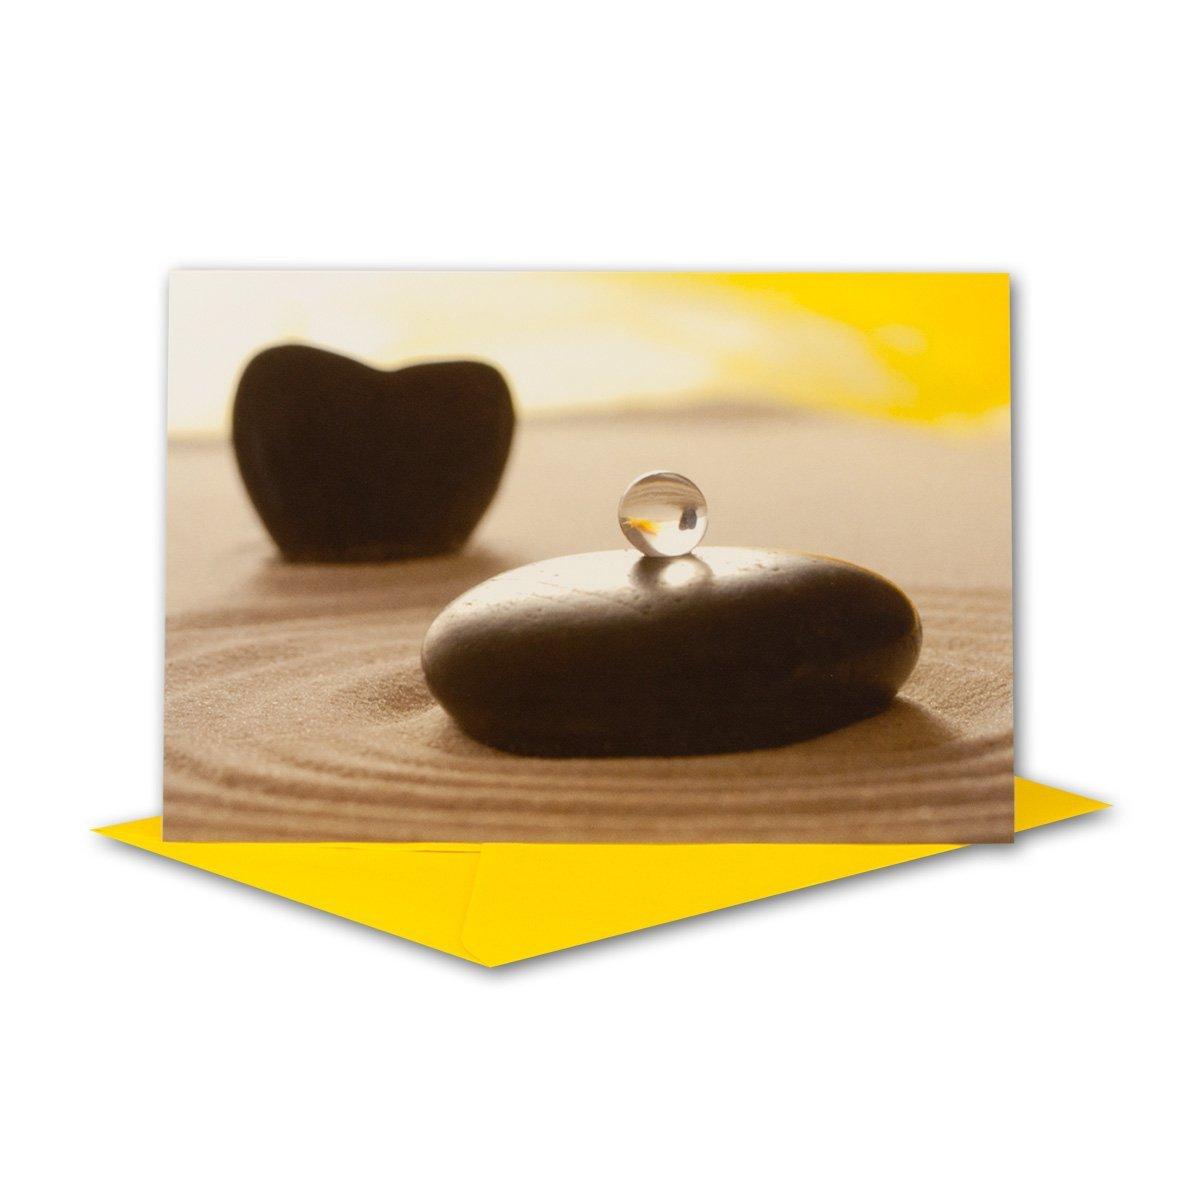 Glückwunschkarten Set I Stein mit Murmel Murmel Murmel auf Sand mit gelbem Umschlag I 60 Stück I B6 17,0 x 11,5cm I klappbare Grußkarte für jeden Anlass I ob Geburt I Taufe I Kommunion oder Hochzeit - Geburtstagskarte B07G397SNY   Vollständige Spez 274d9e